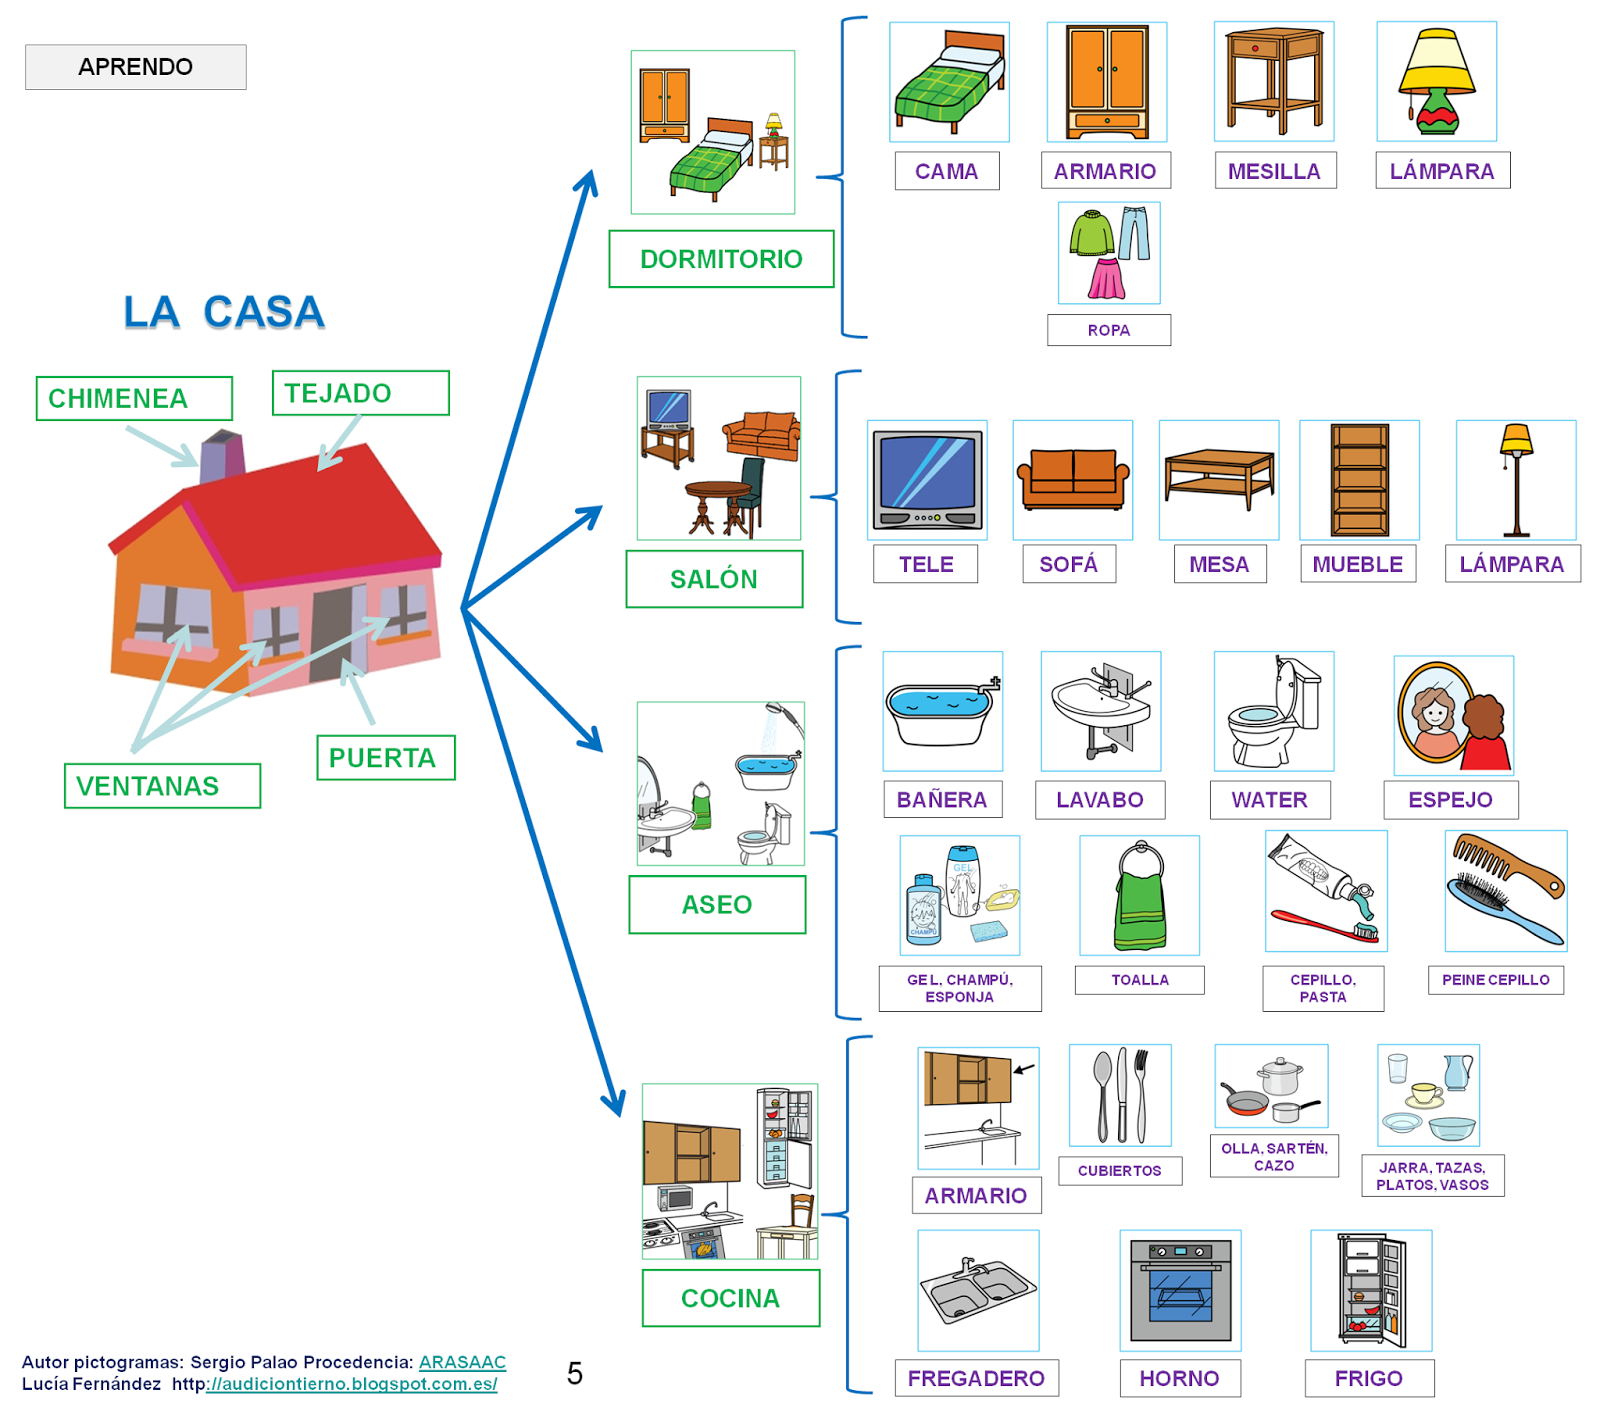 Audici n y lenguaje proyecto donde vivo calle casa - La casa muebles ...